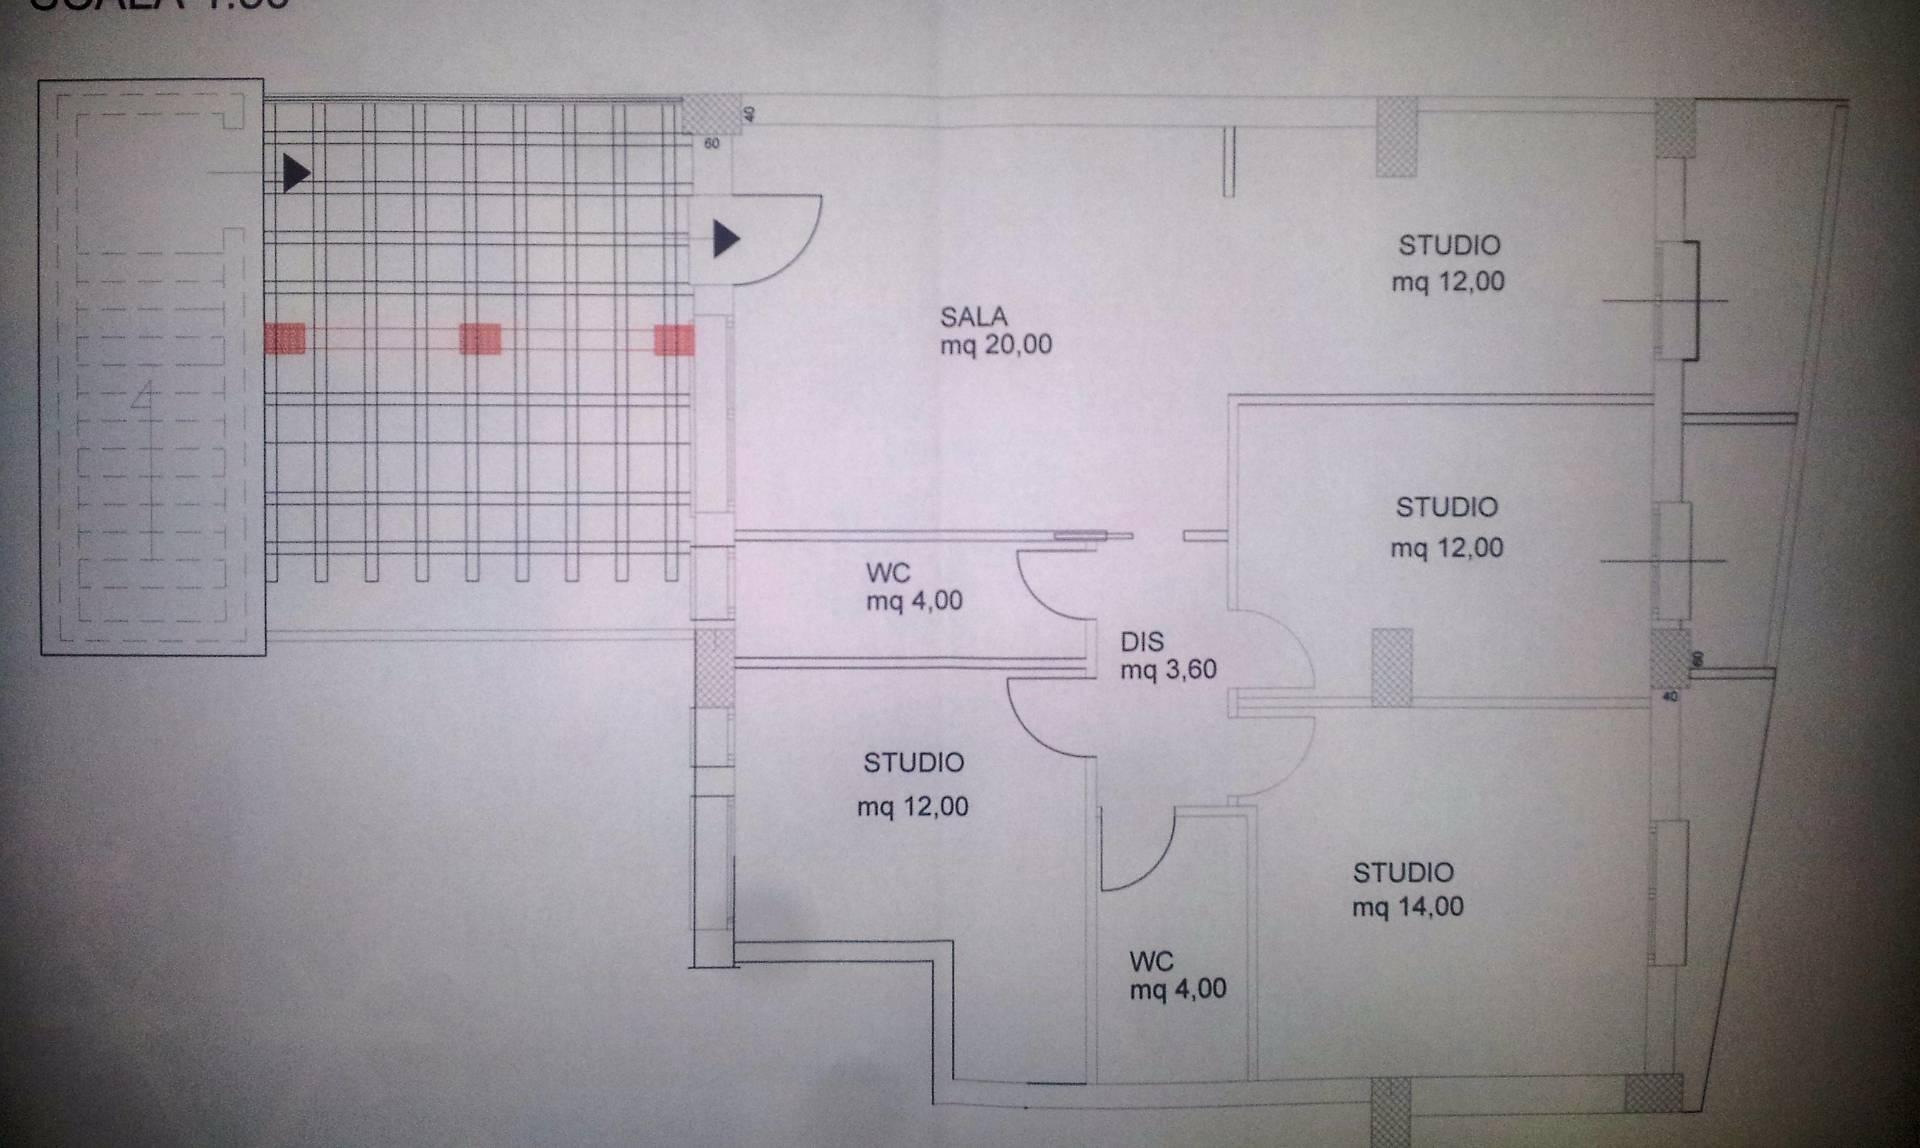 Ufficio / Studio in affitto a Cosenza, 9999 locali, zona Località: VialeMancini, prezzo € 500 | CambioCasa.it